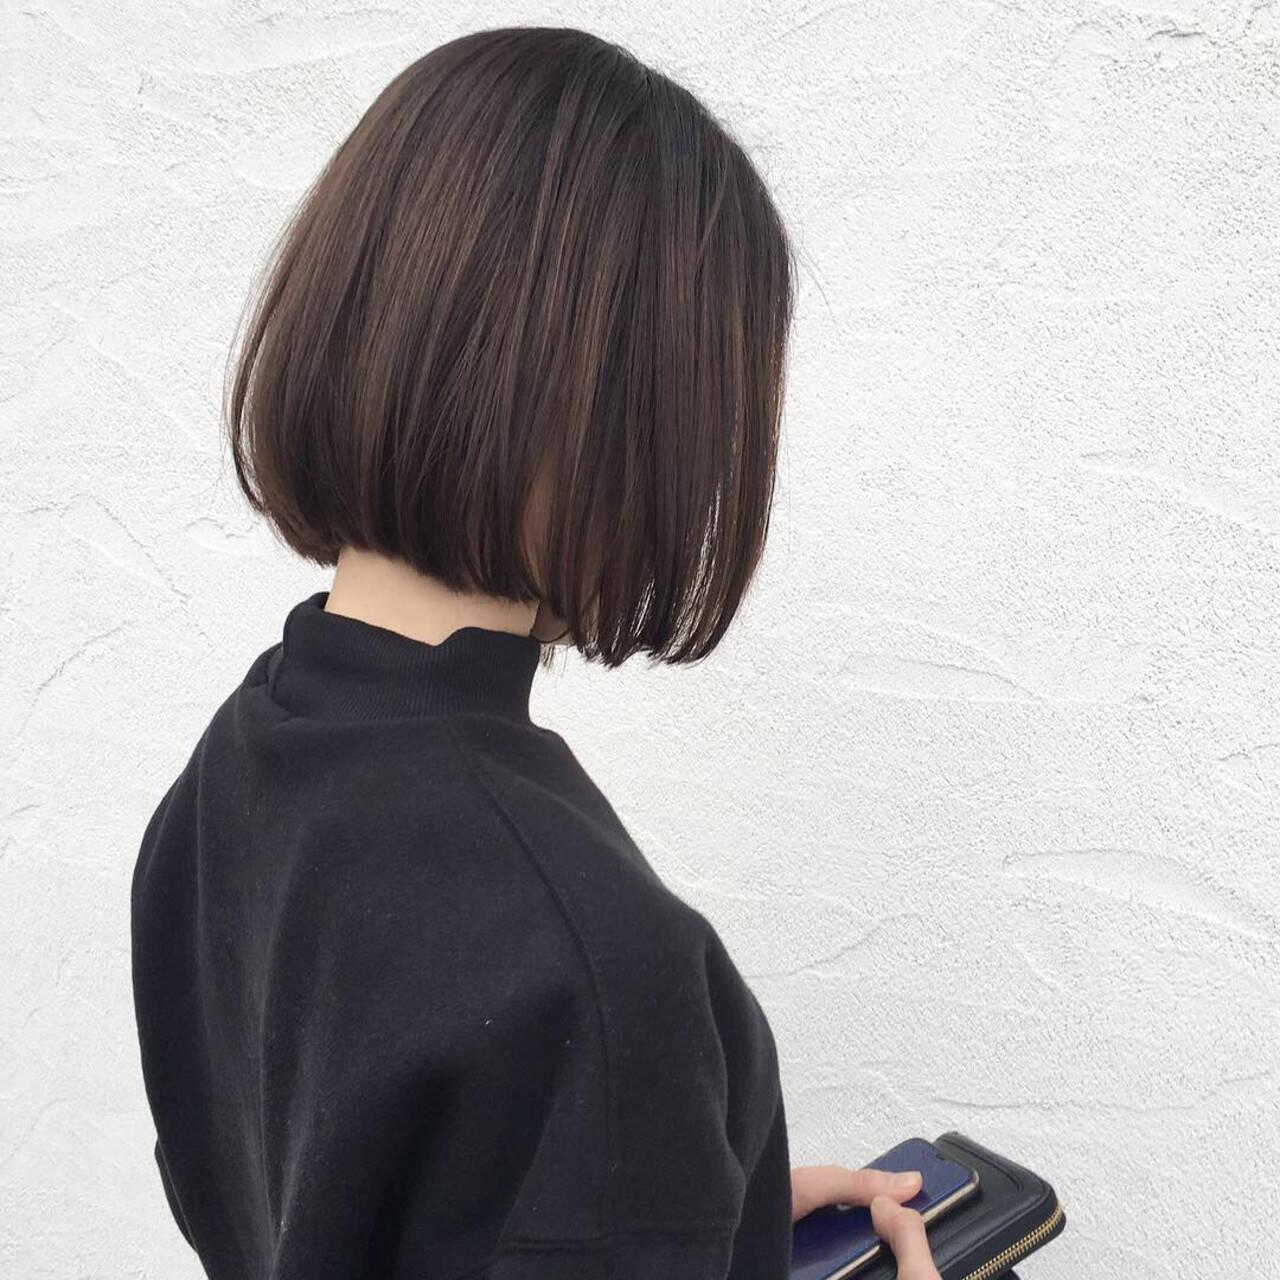 ナチュラル ミニボブ オフィス 大人可愛いヘアスタイルや髪型の写真・画像